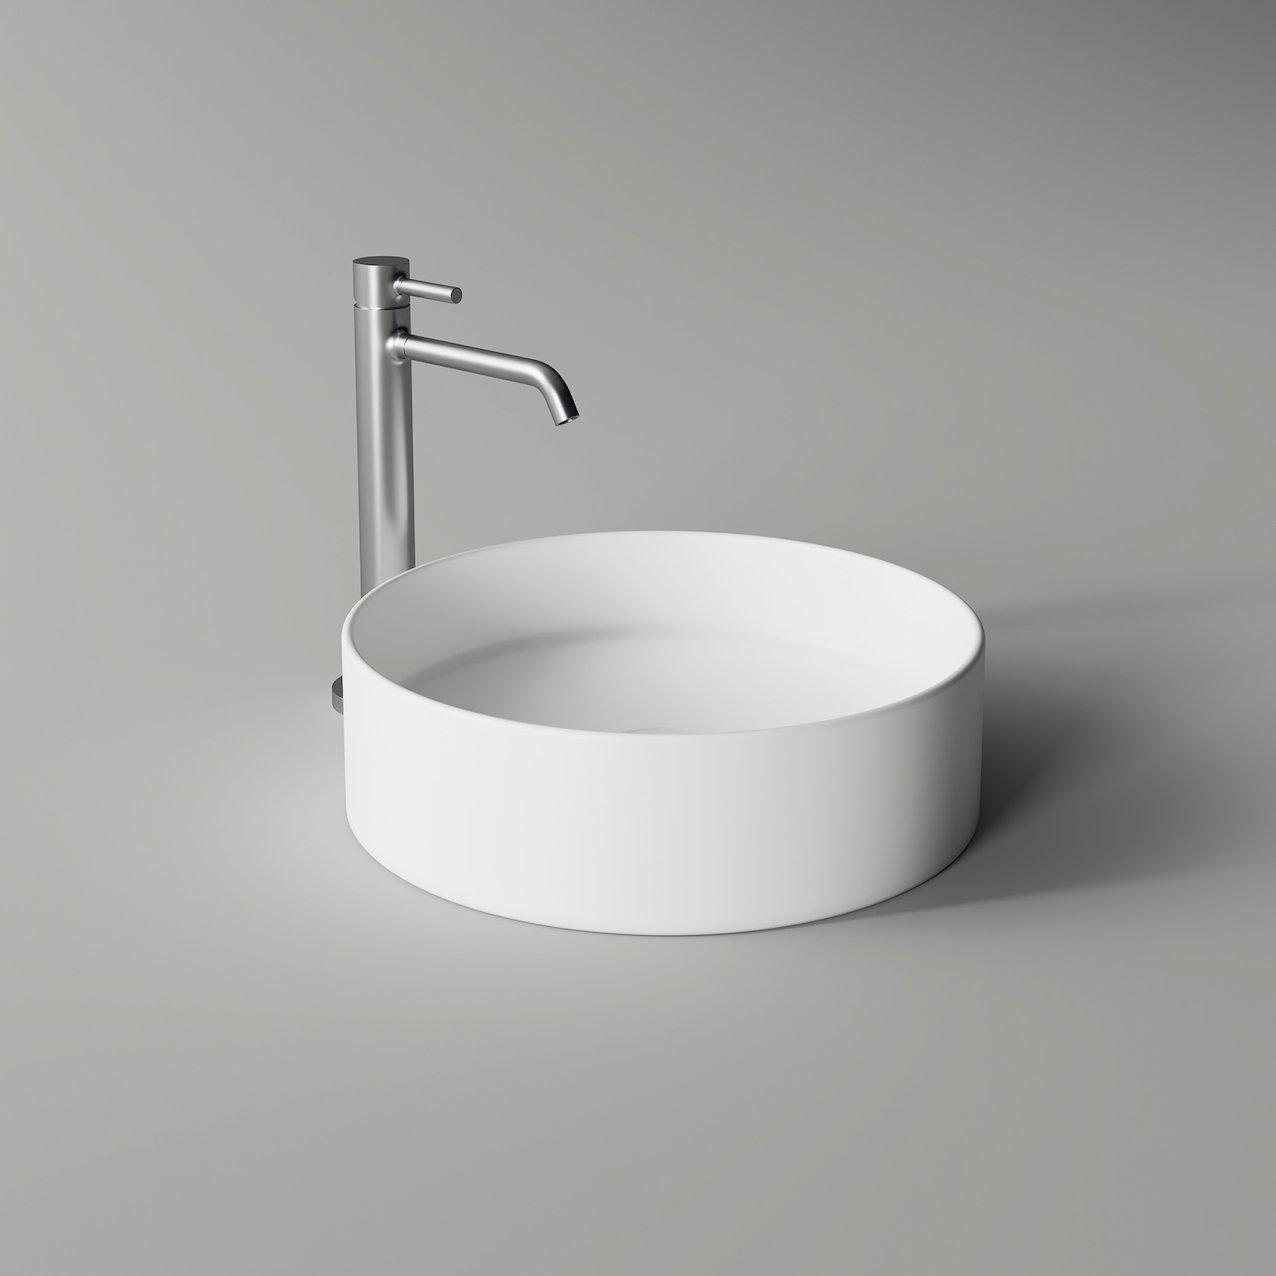 Lavabo HIDE tondo minimal